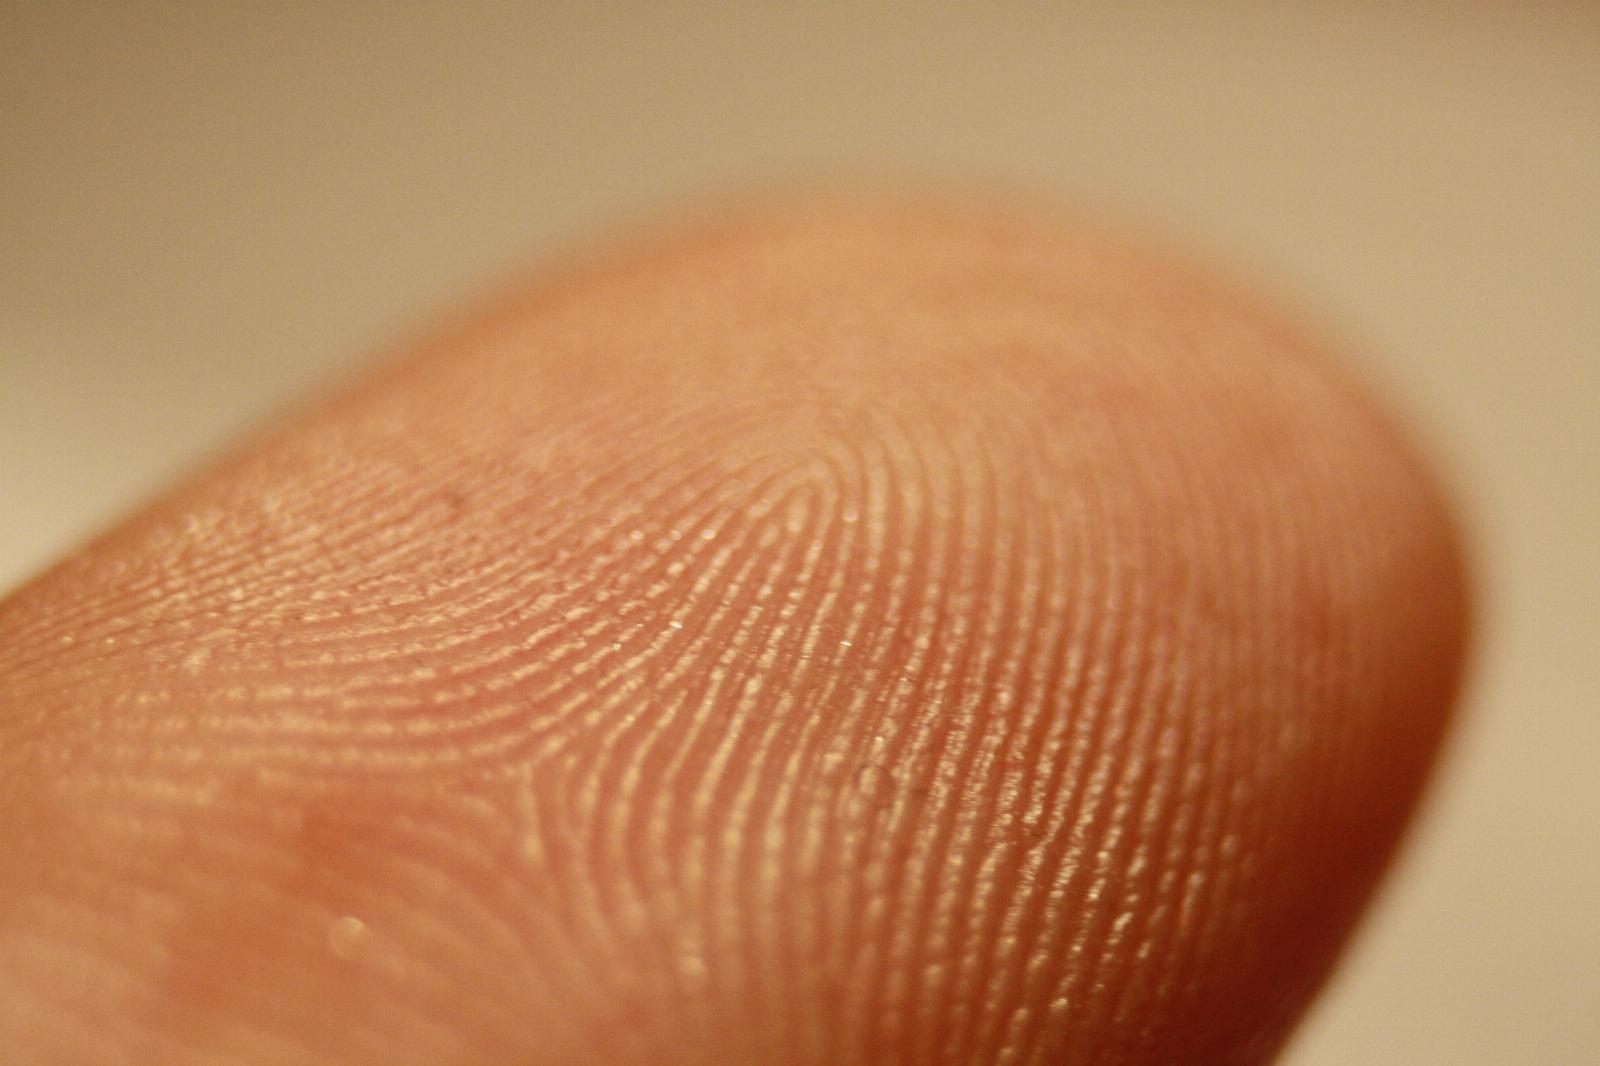 Fingerprint_detail_on_male_finger.jpg